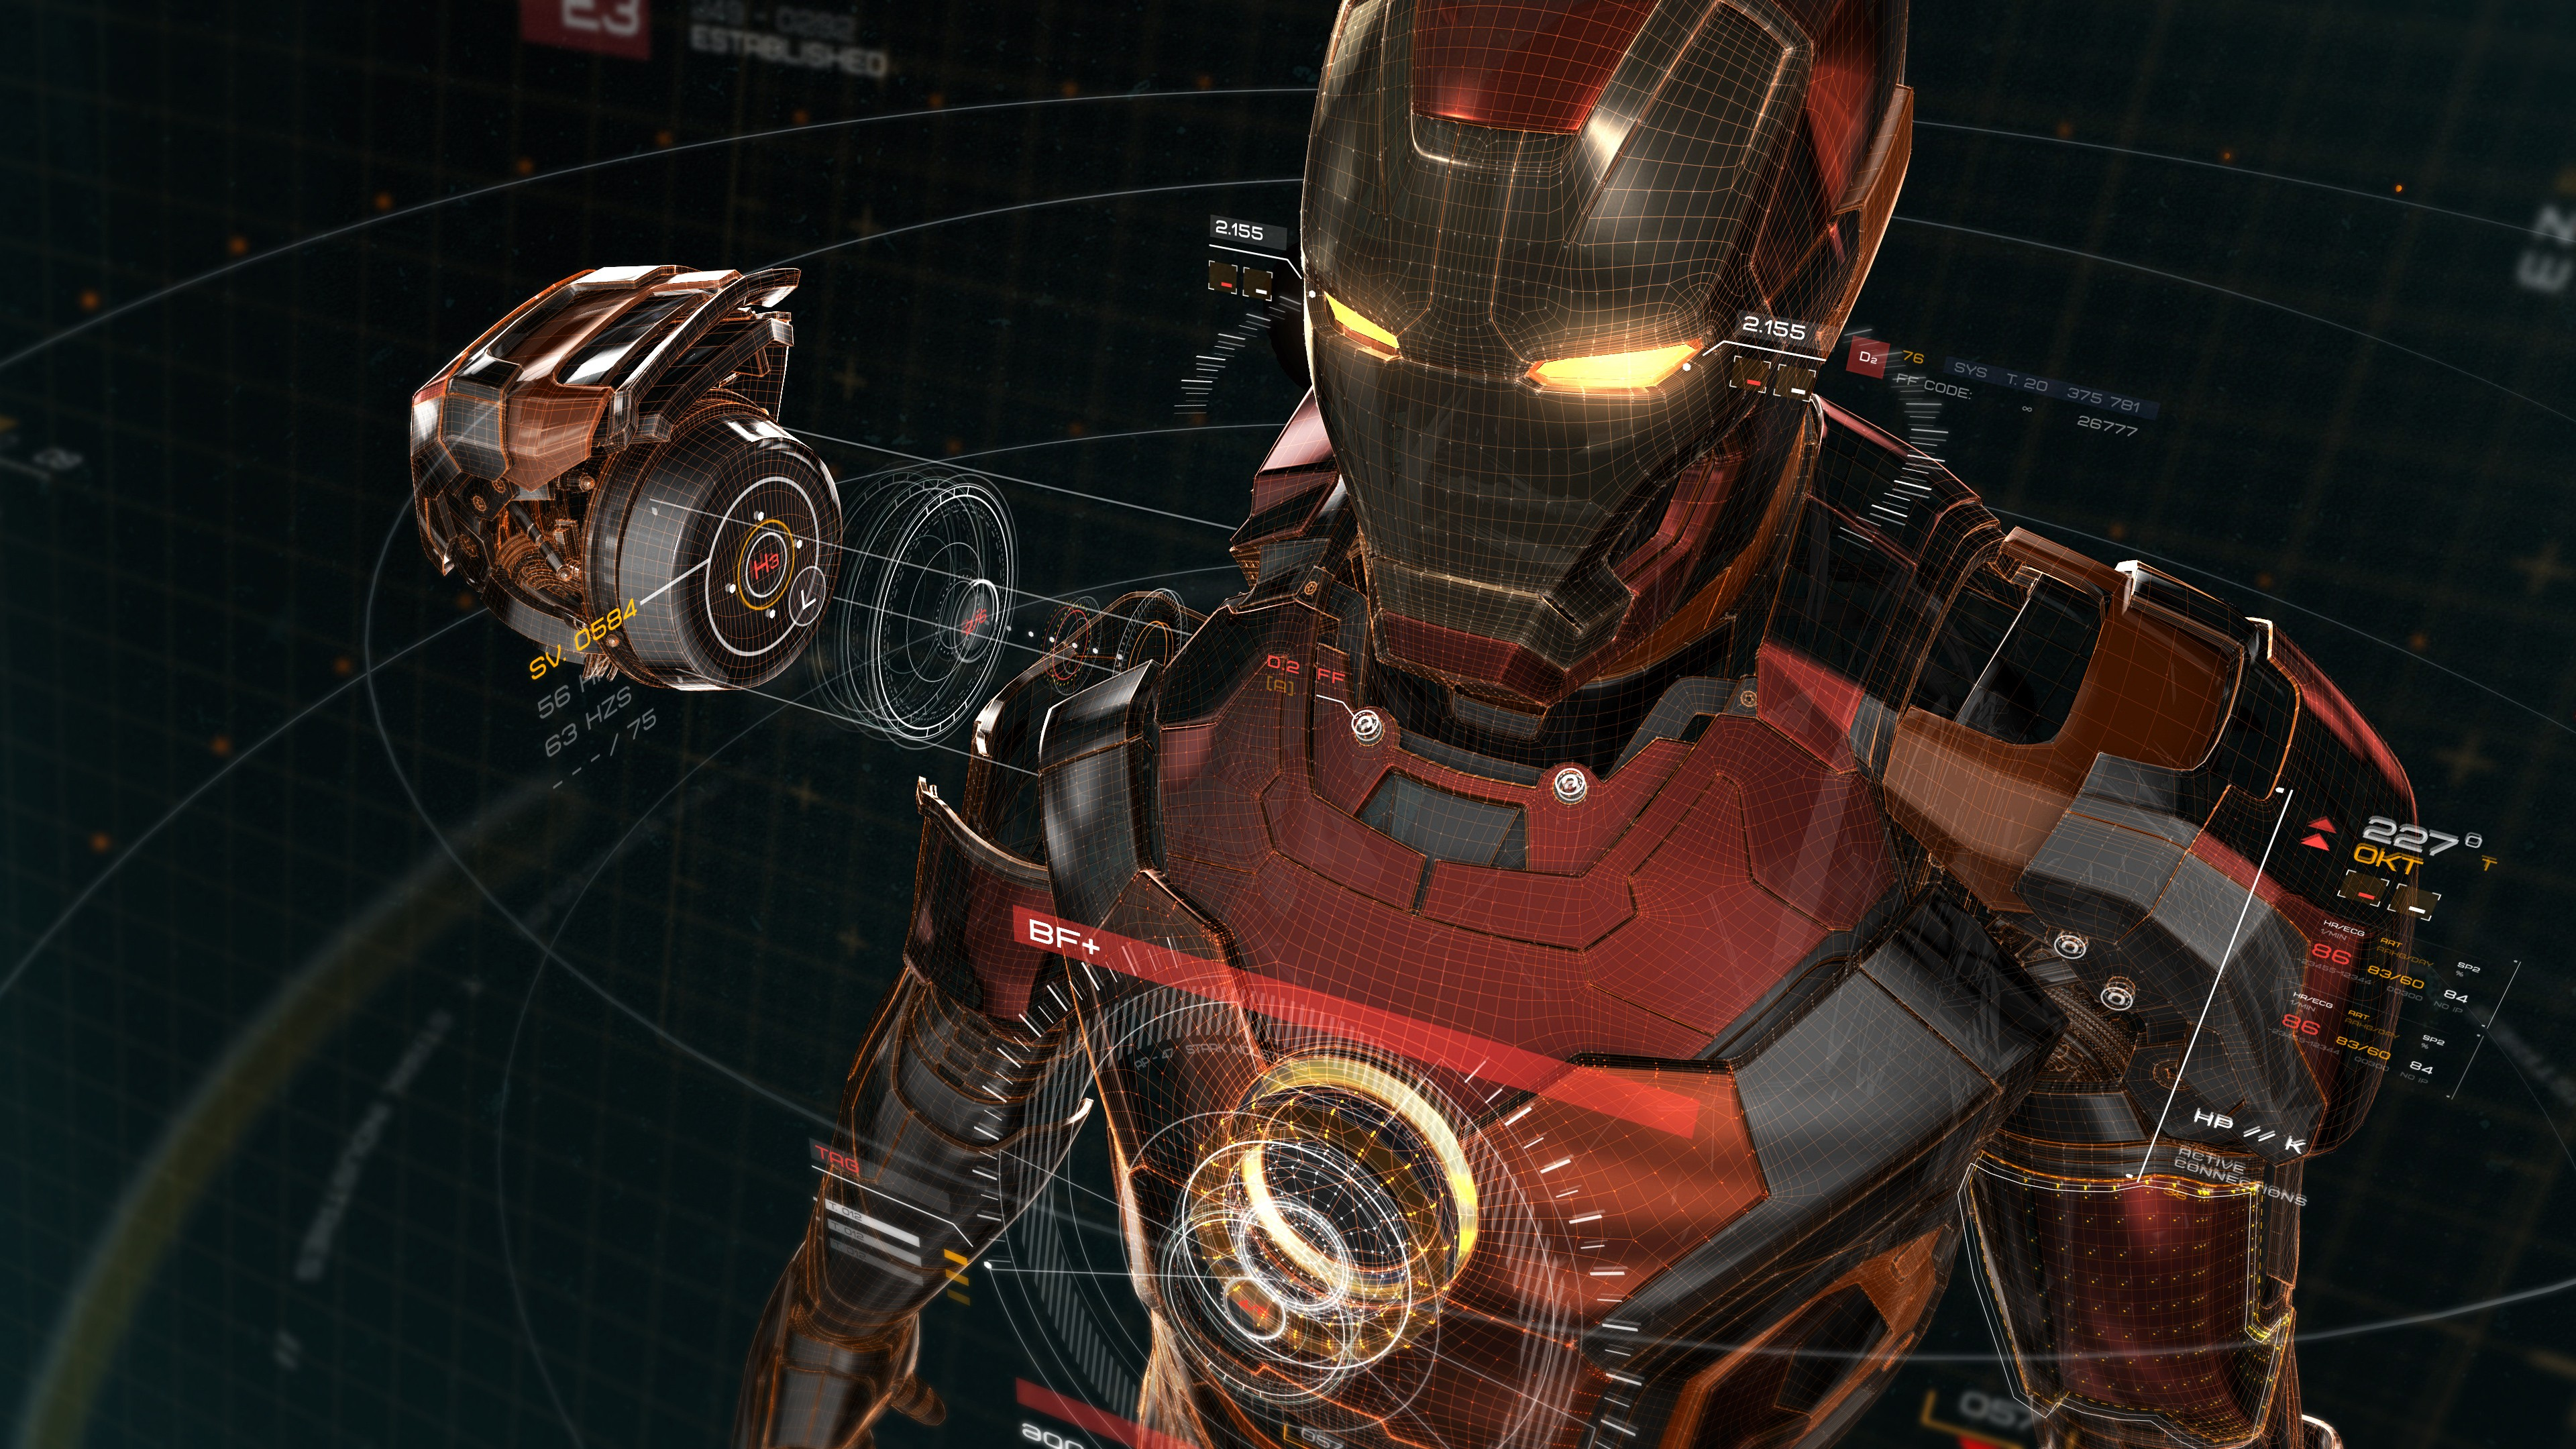 High Resolution Ultra Hd 4k Iron Man Wallpaper